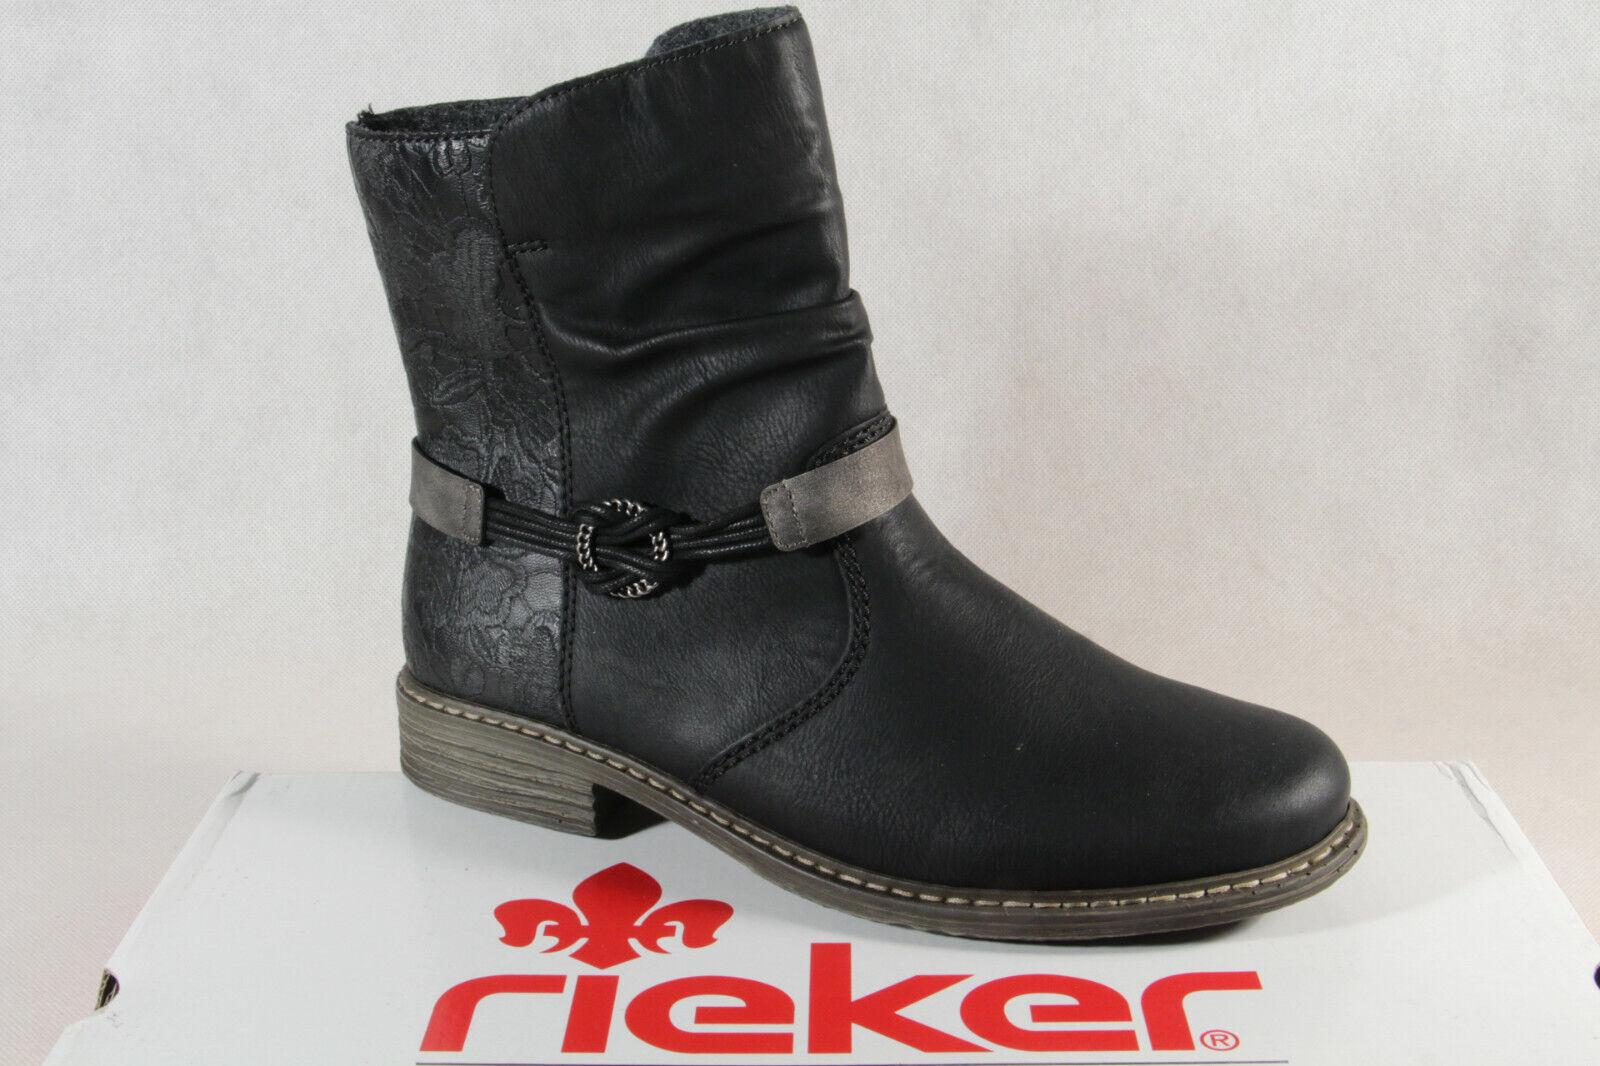 Stiefel RIEKER Z9591 00 Schwarz Stiefel Stiefel und